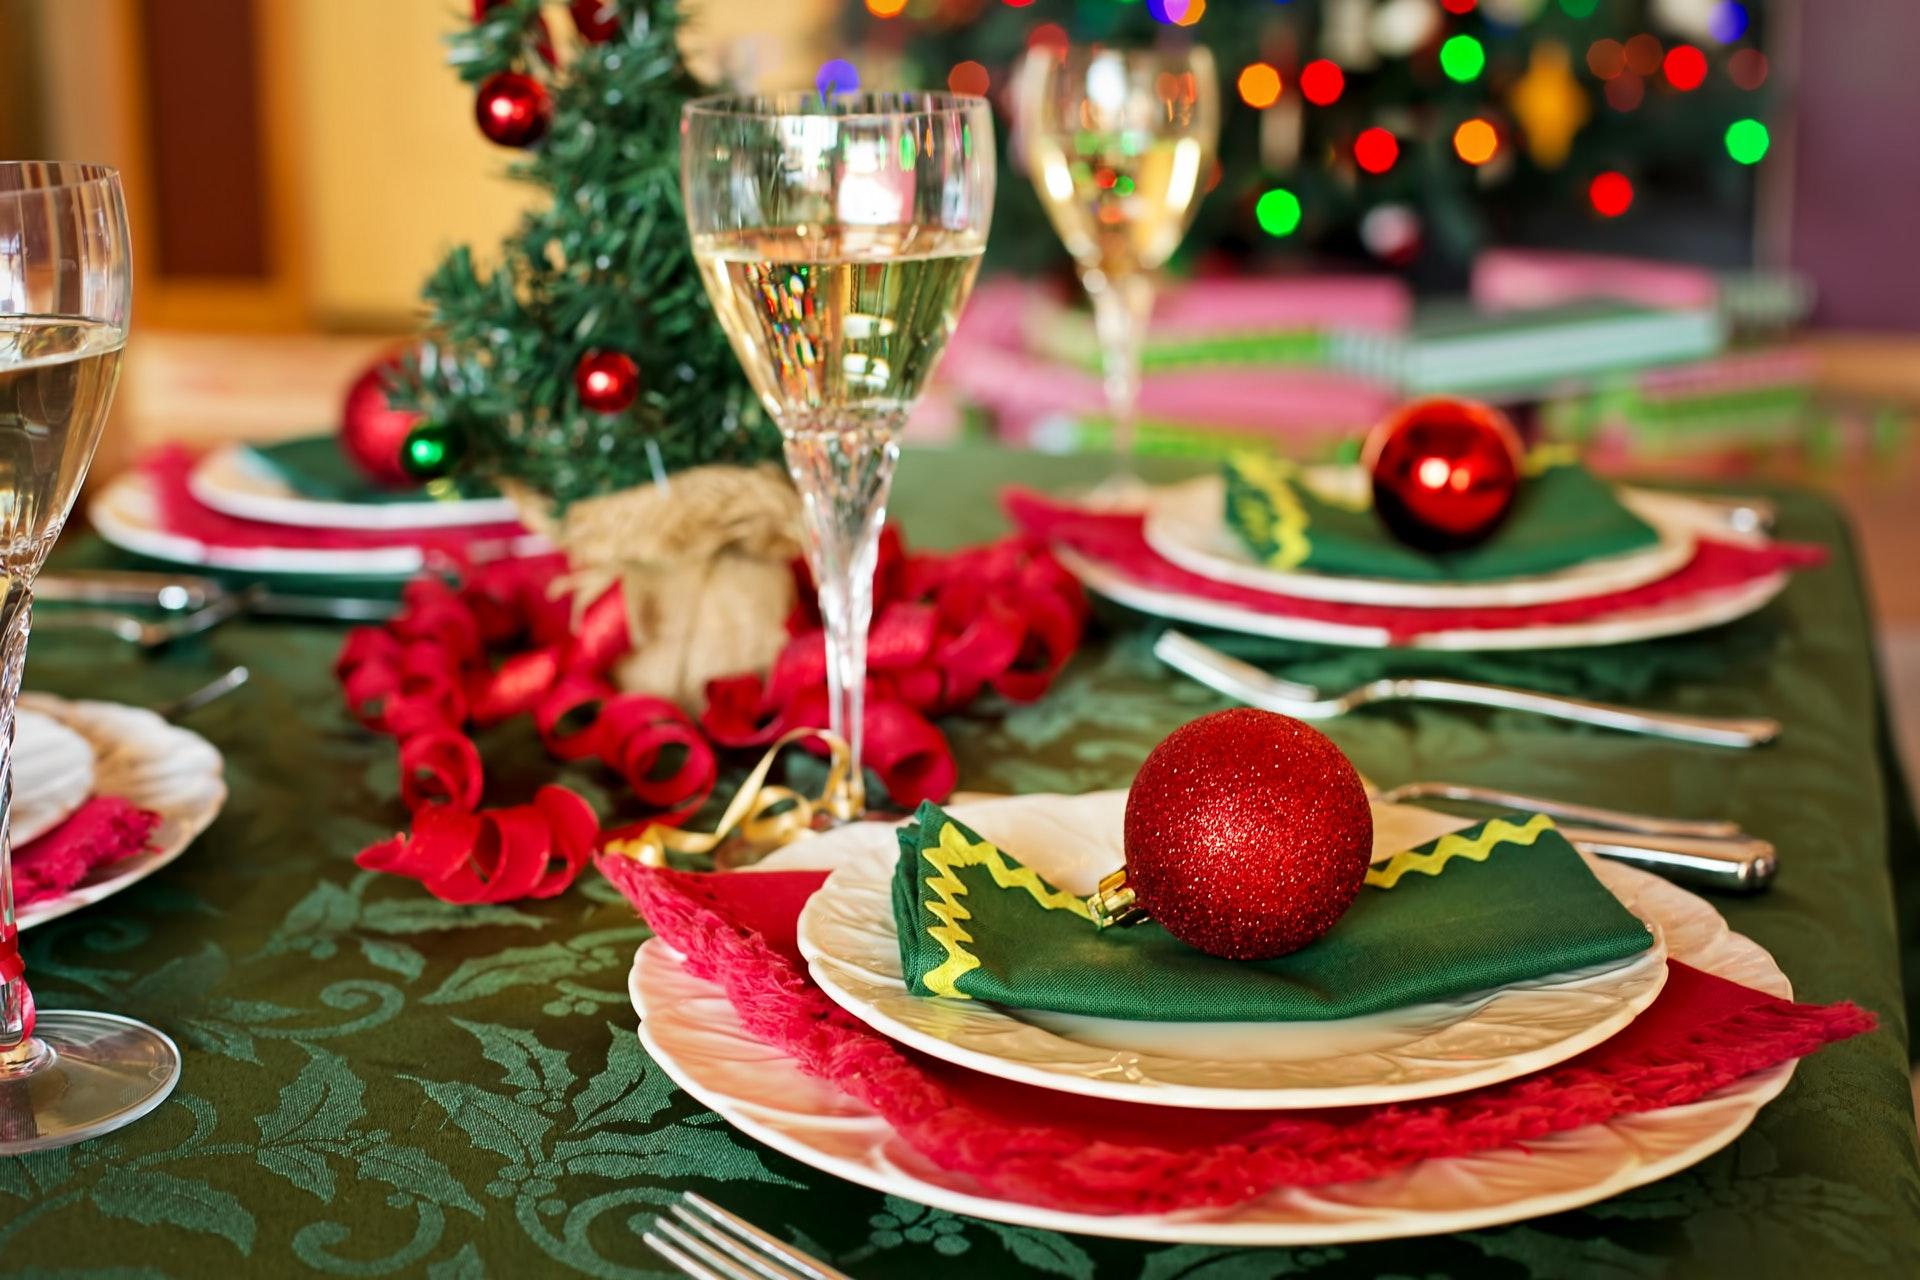 Pregateste meniul pentru masa de Revelion